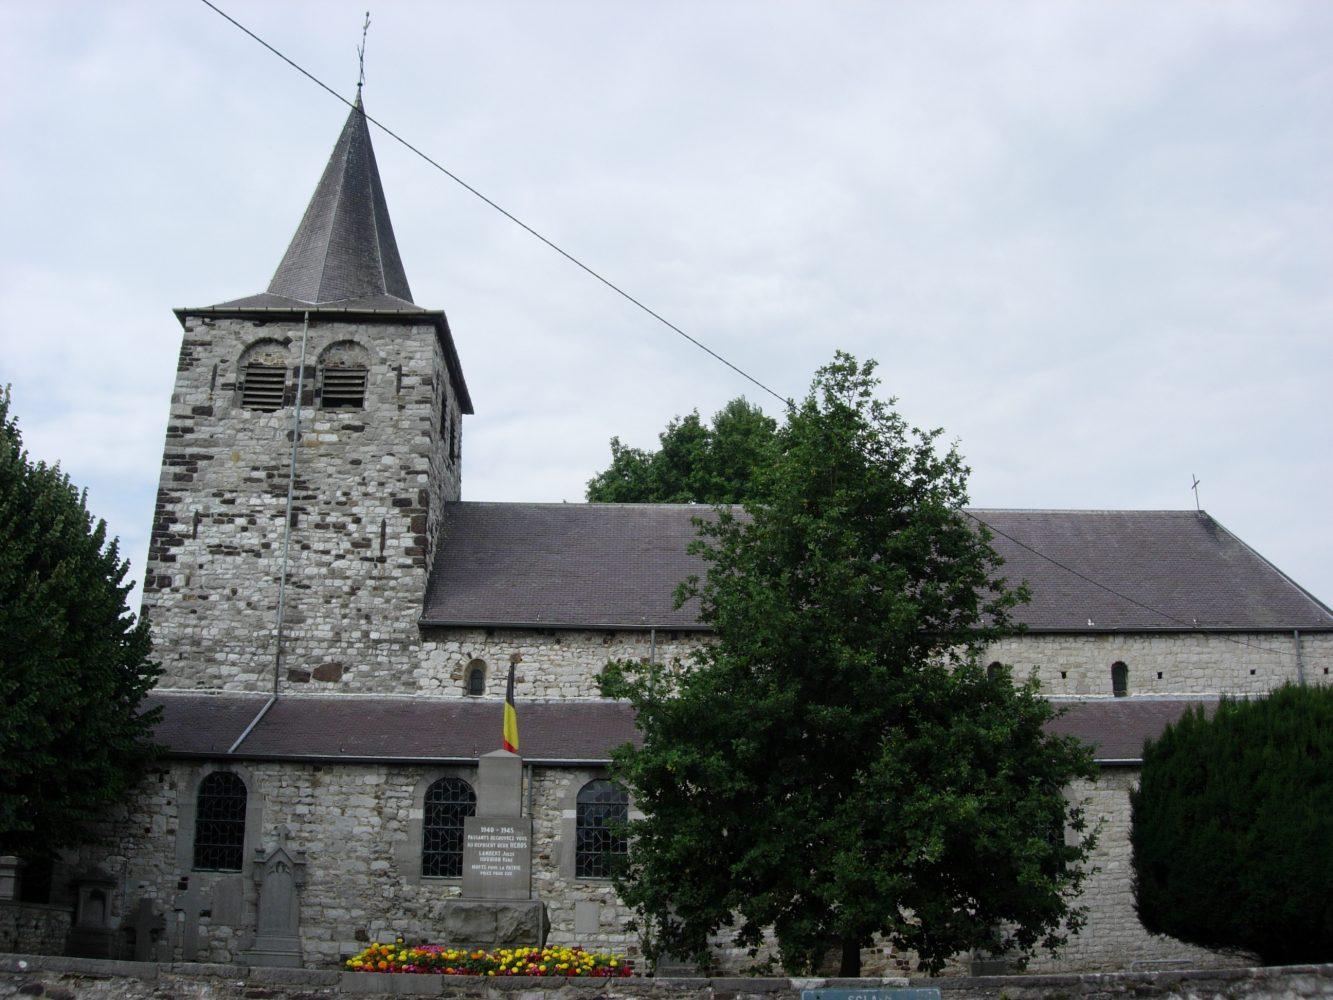 Eglise de bonneville 211.jpeg